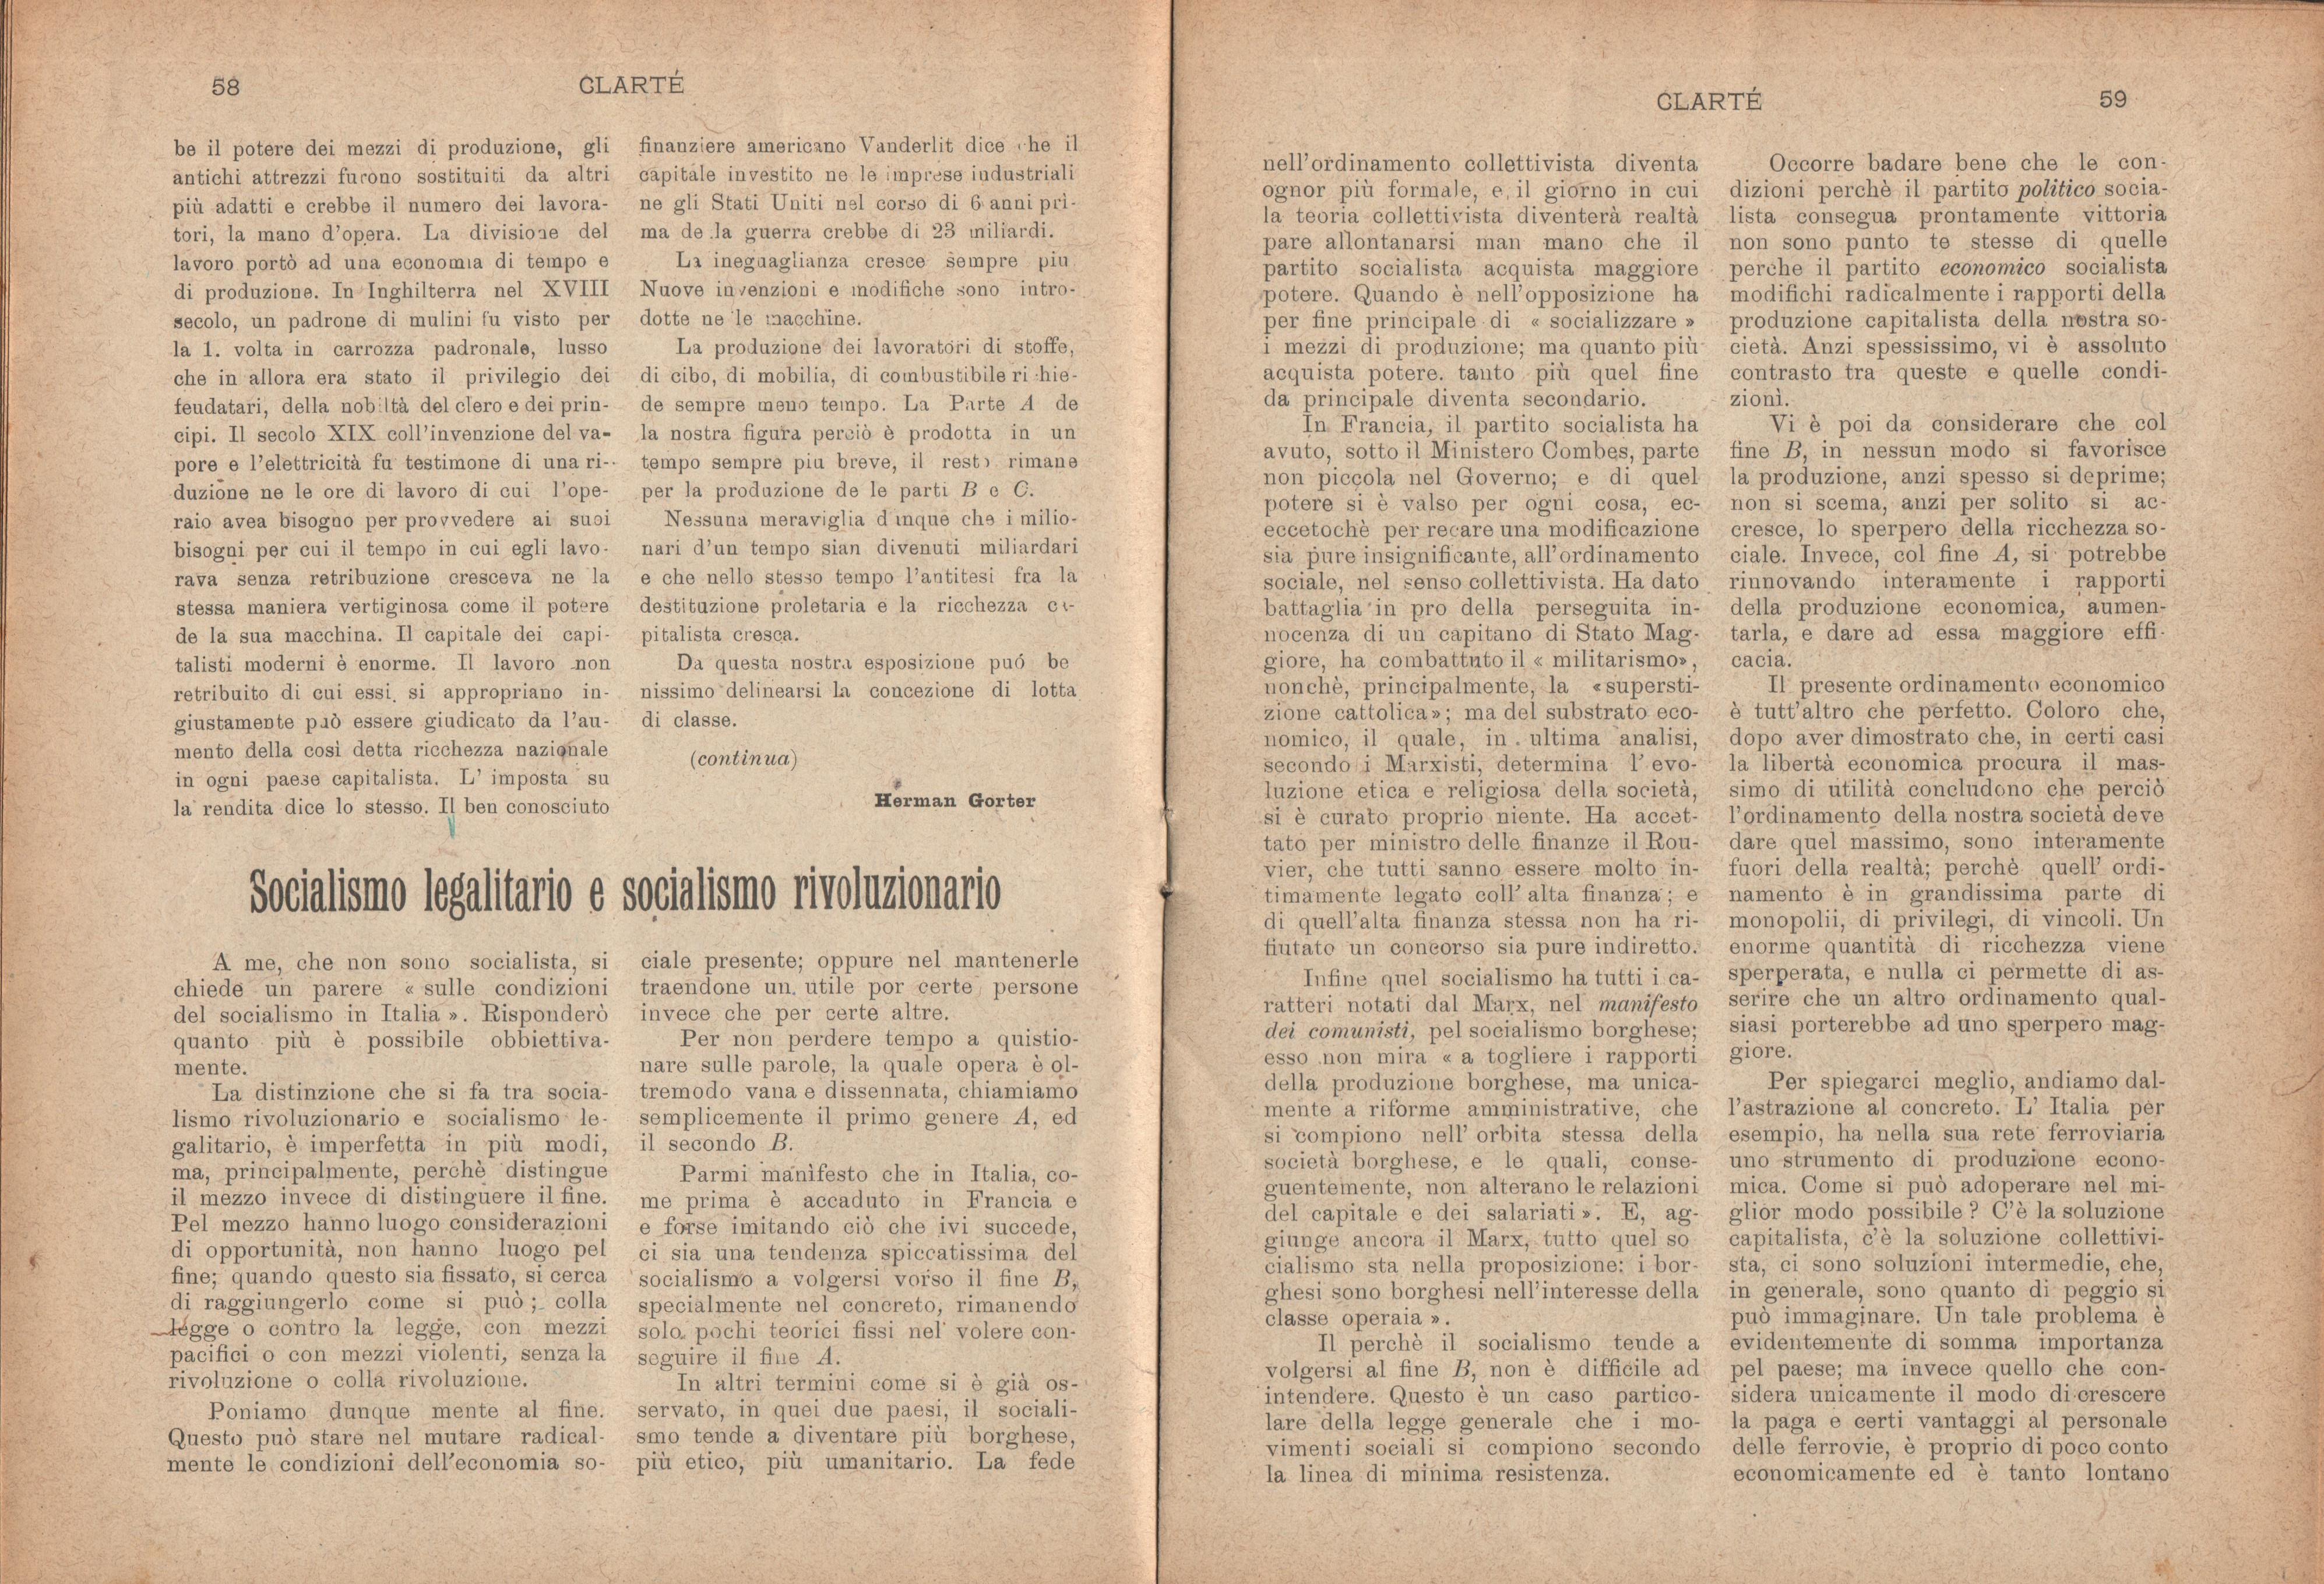 Clarté. Rivista mensile degli studenti comunisti (a. I, n. 3, Palermo, 15 luglio 1920) - pag. 7